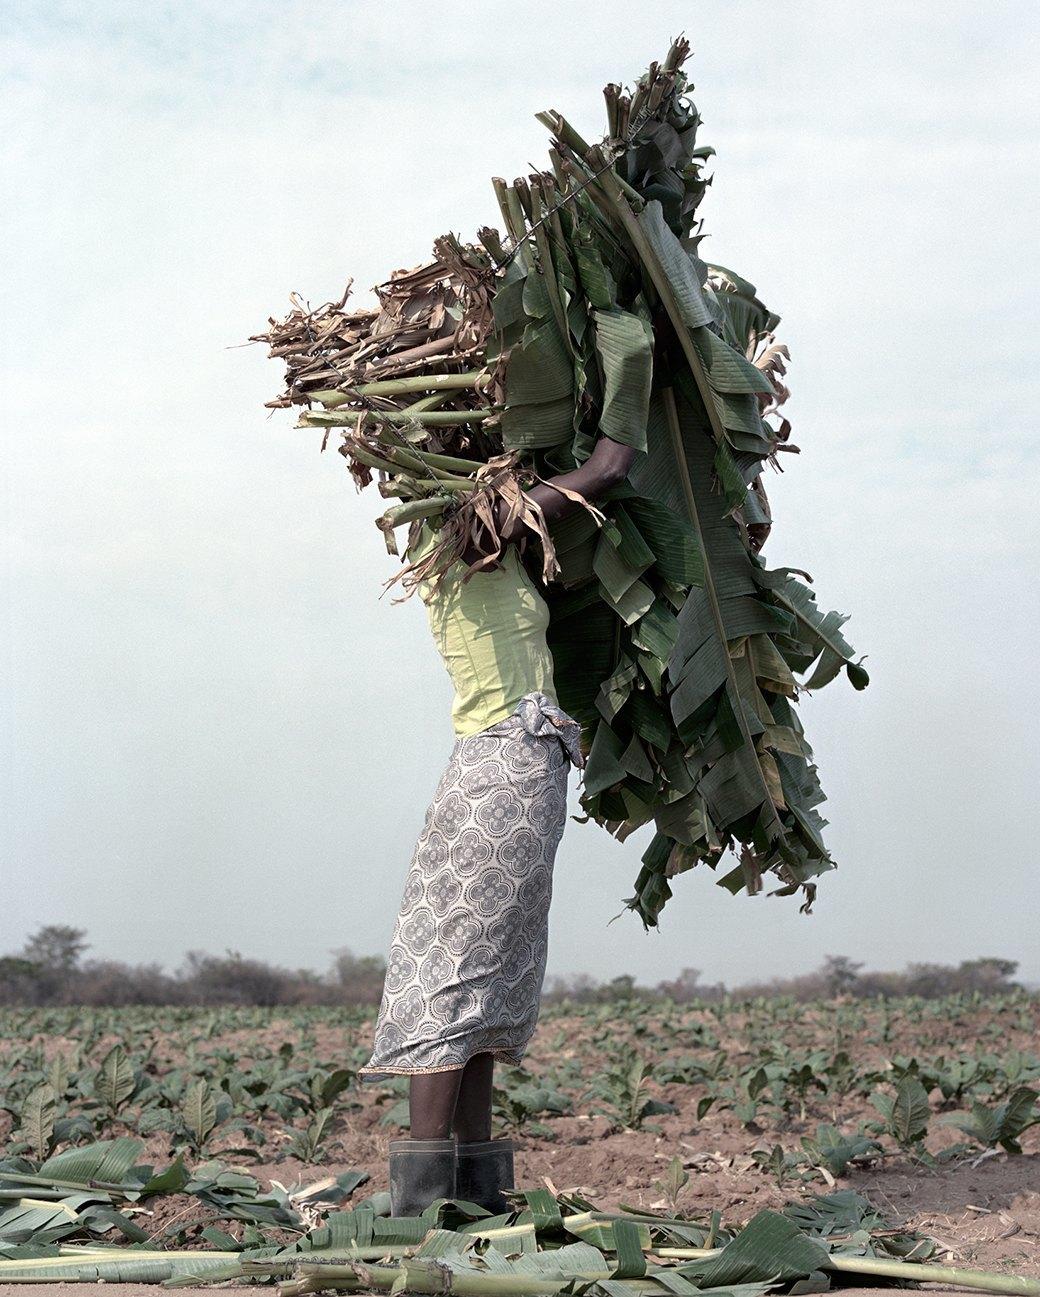 «Местность»: Обезличенный труд африканских крестьян. Изображение № 10.